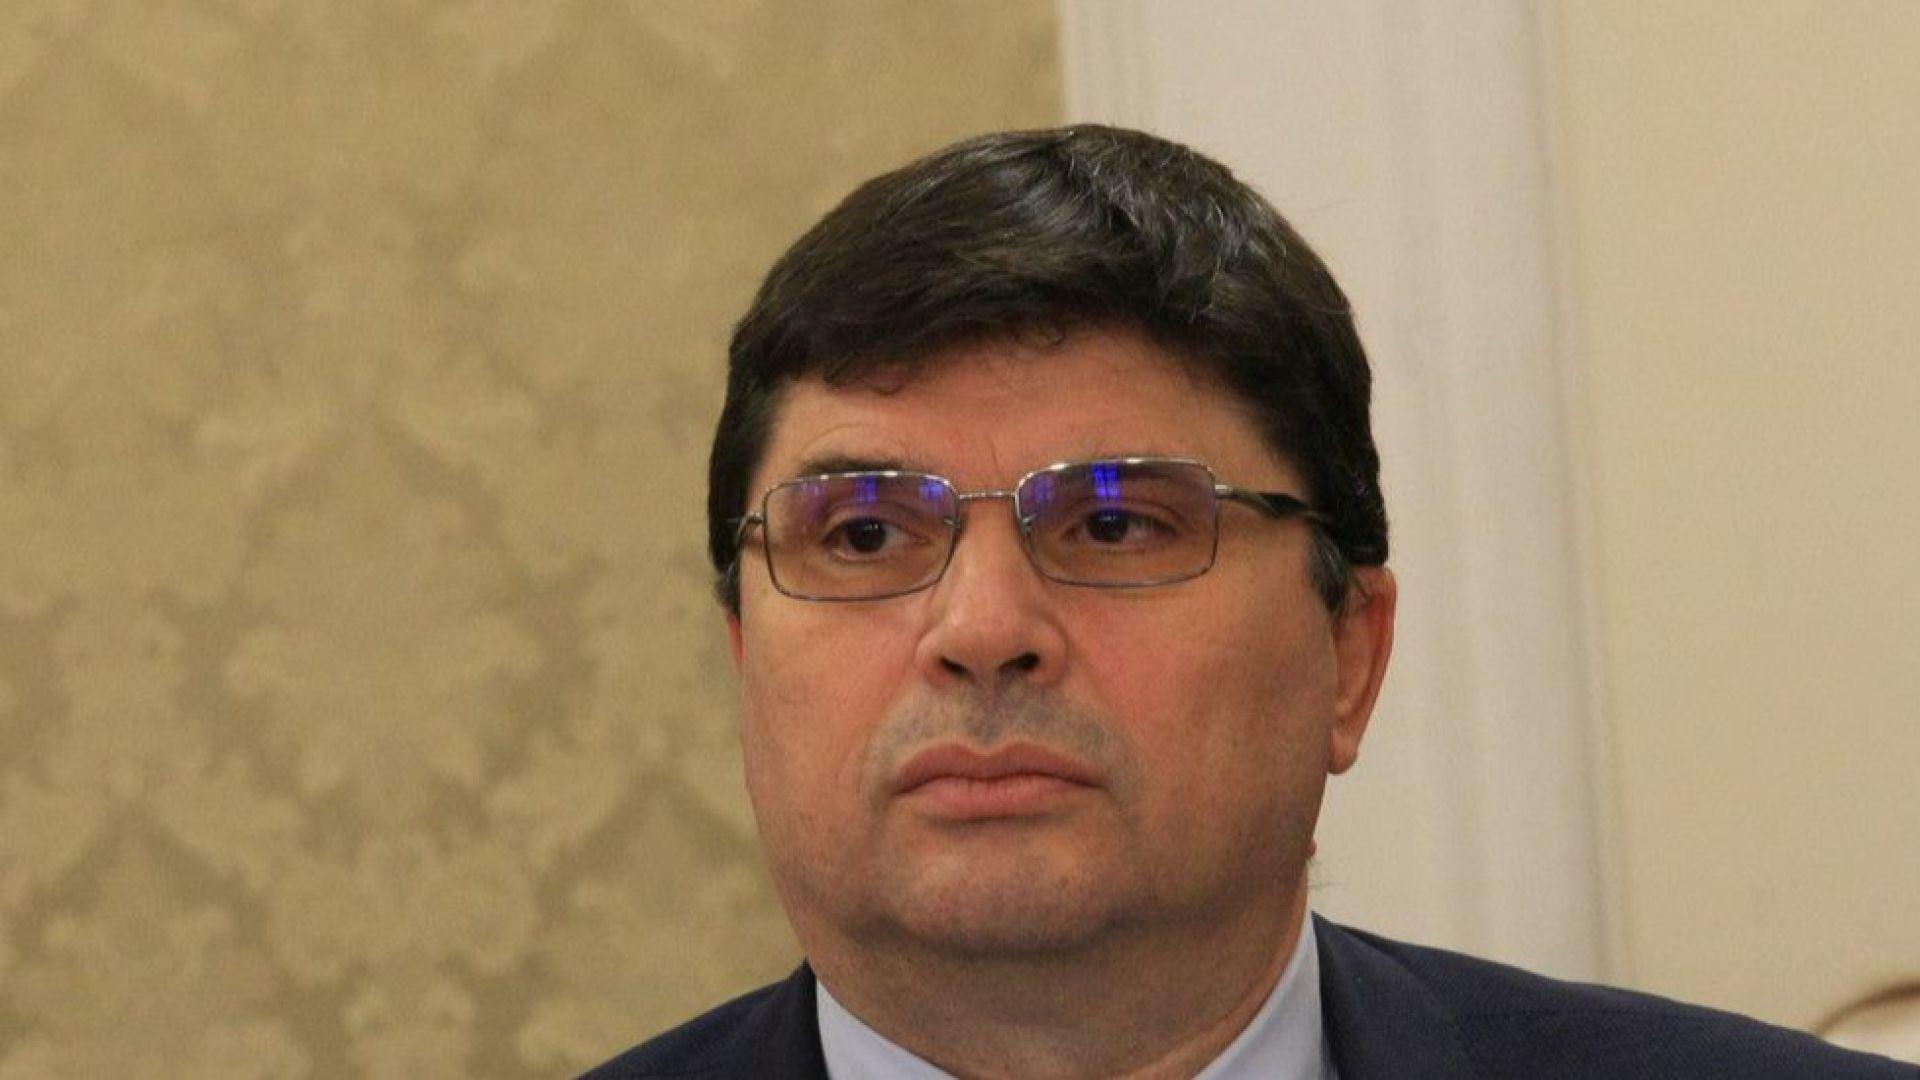 Цветан Китов е предложен за освобождаване от длъжността председател на ДАТО